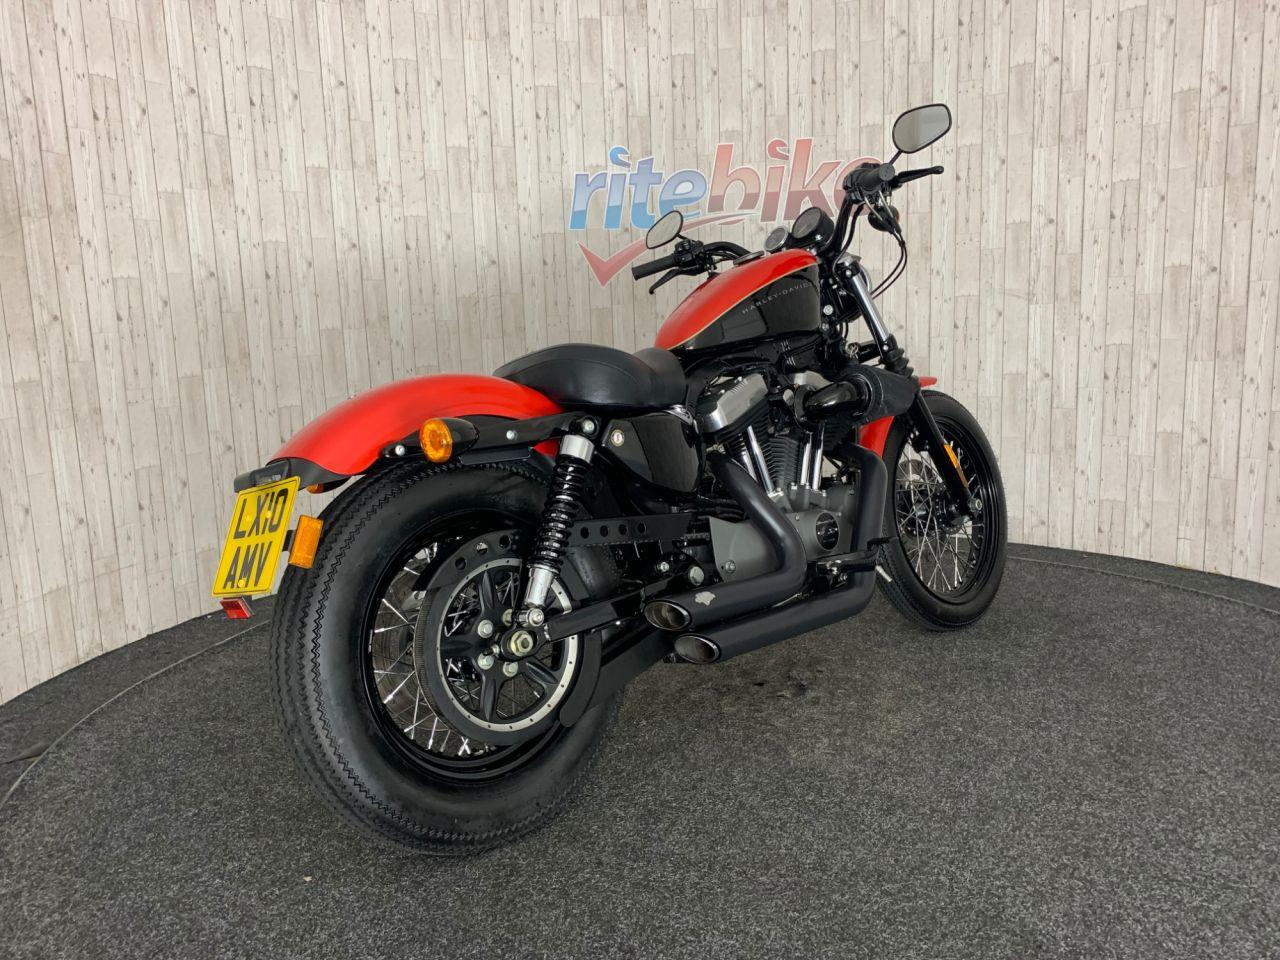 2010 Harley Davidson Sportster Xl 1200 Nightster